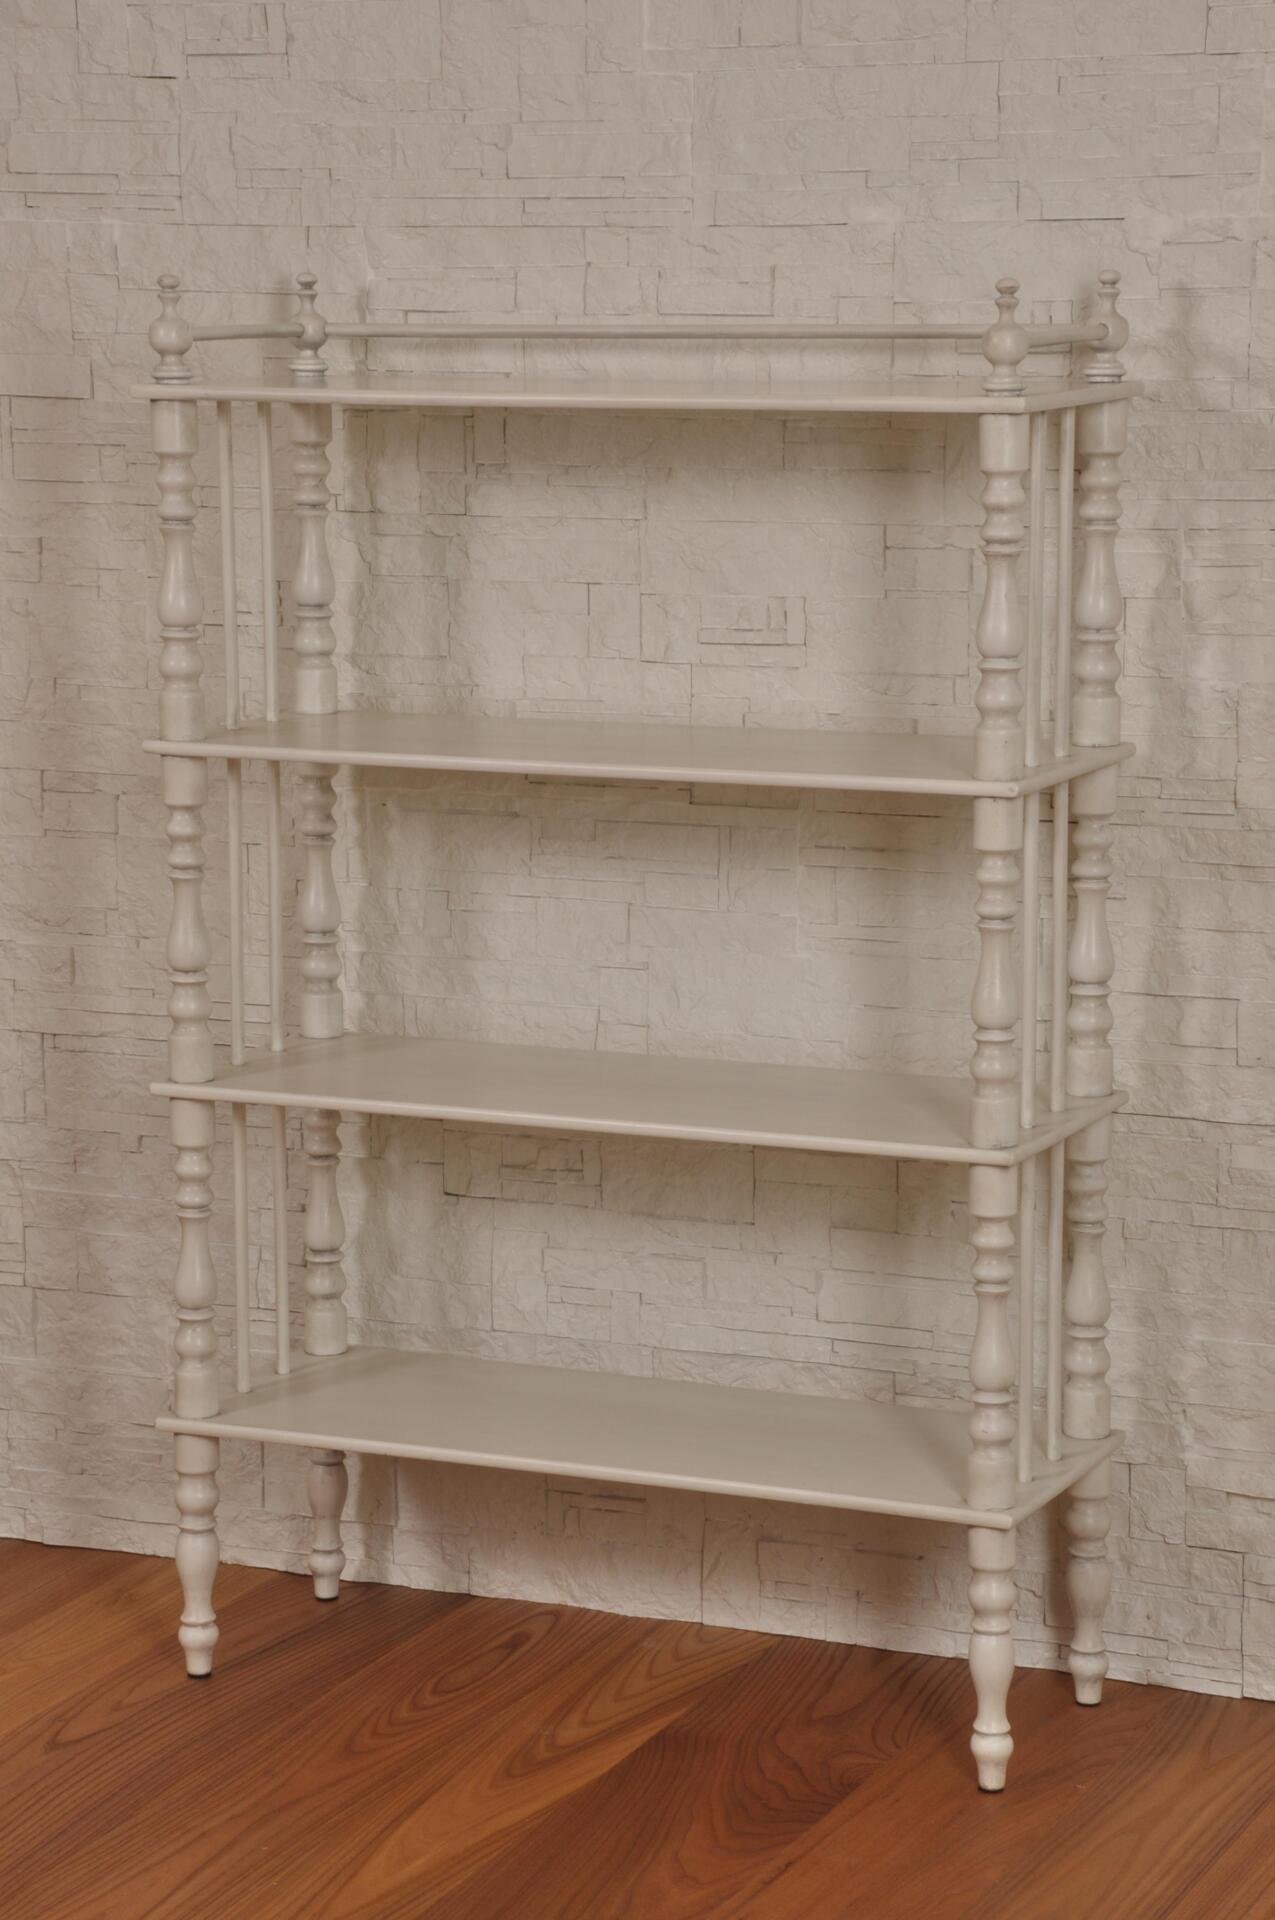 Libreria tag re tornita con 4 piani a giorno in stile for Piani di libreria stile artigiano